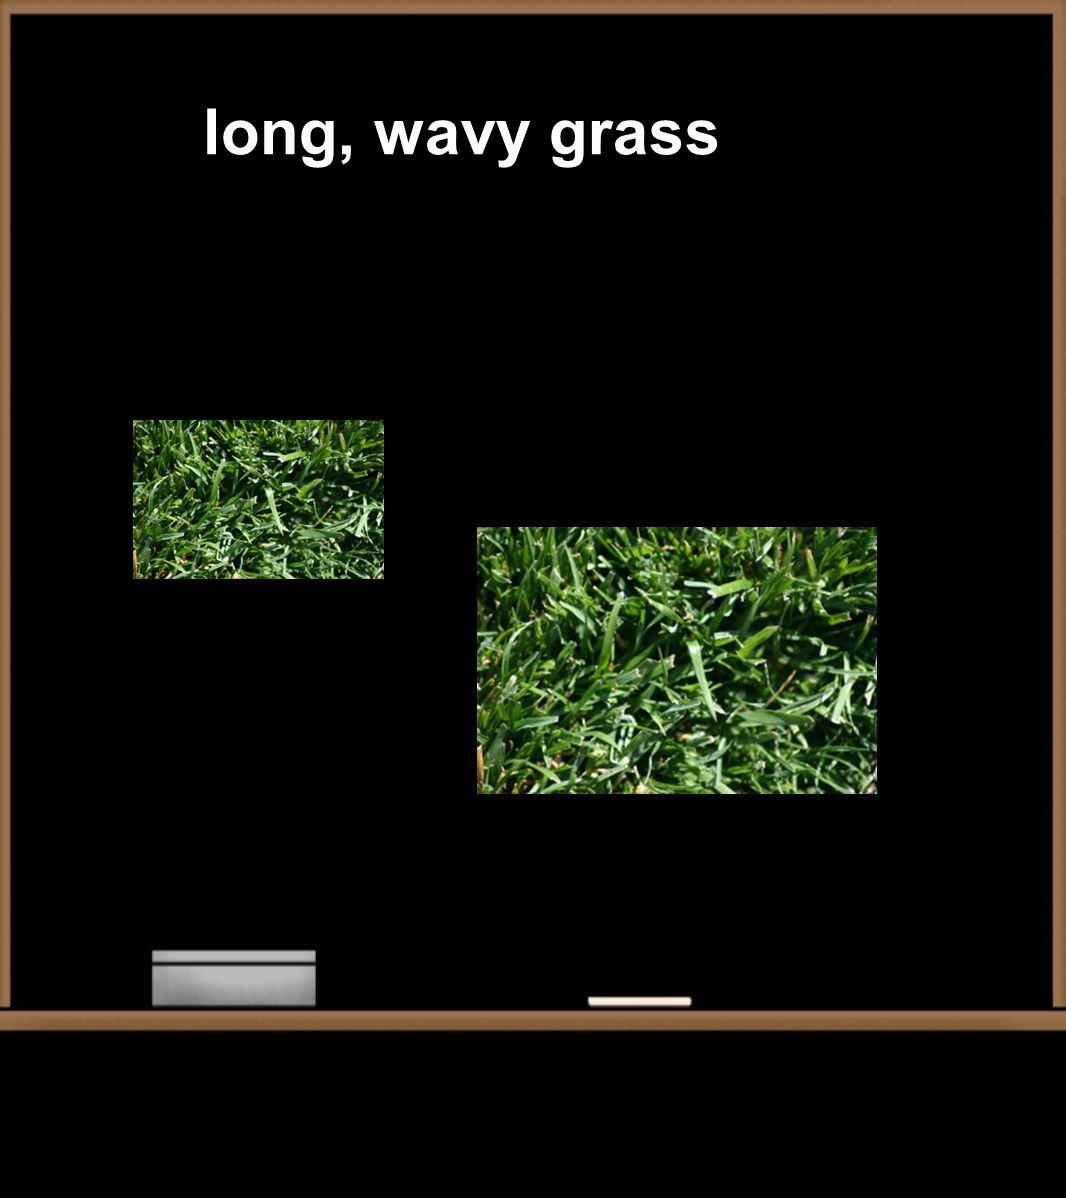 long, wavy grass